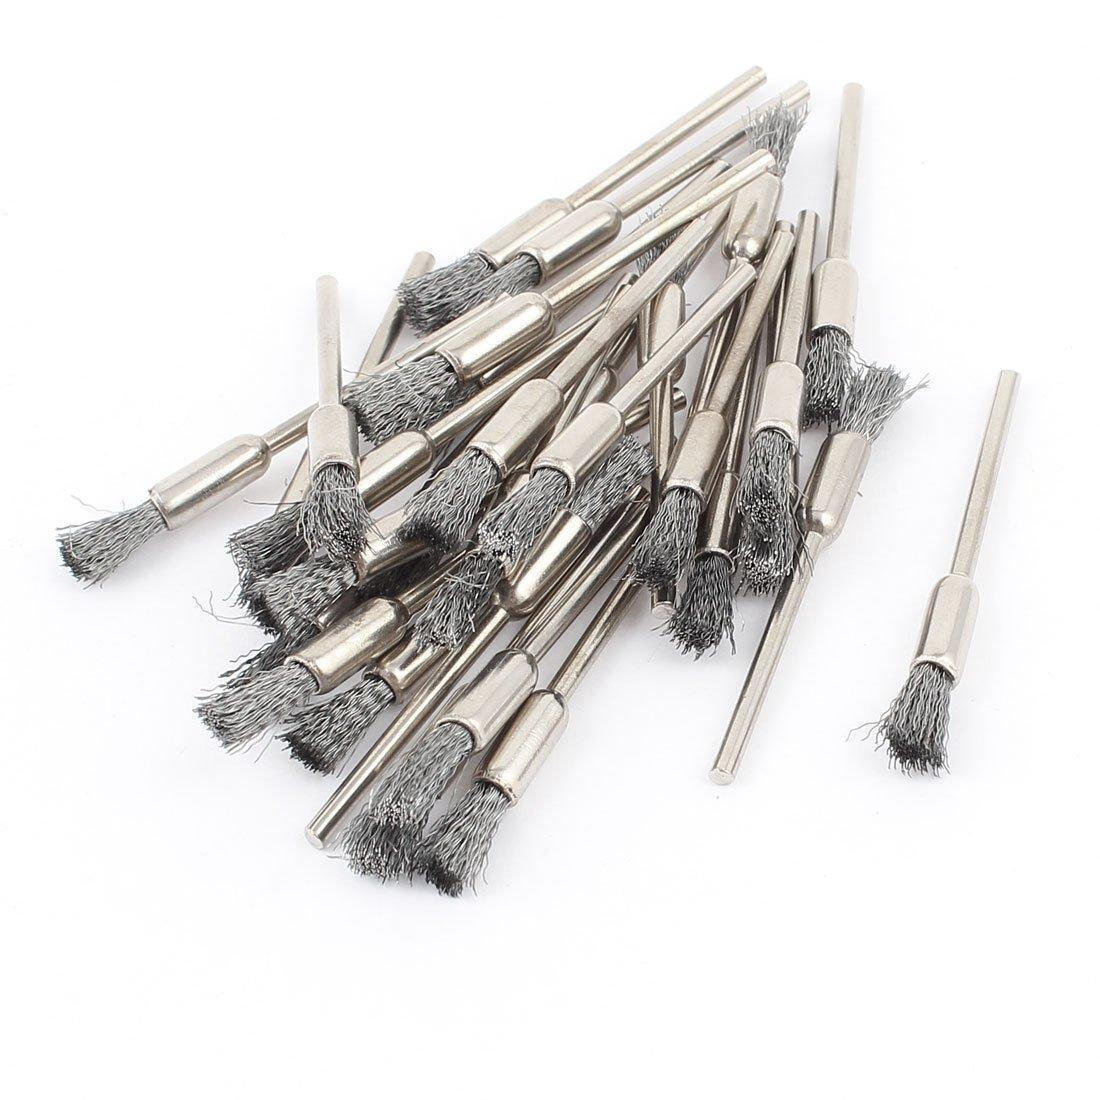 0, 16 cm mandril gris cable bolí grafo cepillo para pulir 30 piezas para Dremel 16 cm mandril gris cable bolígrafo cepillo para pulir 30 piezas para Dremel Sourcingmap a14110600ux0700